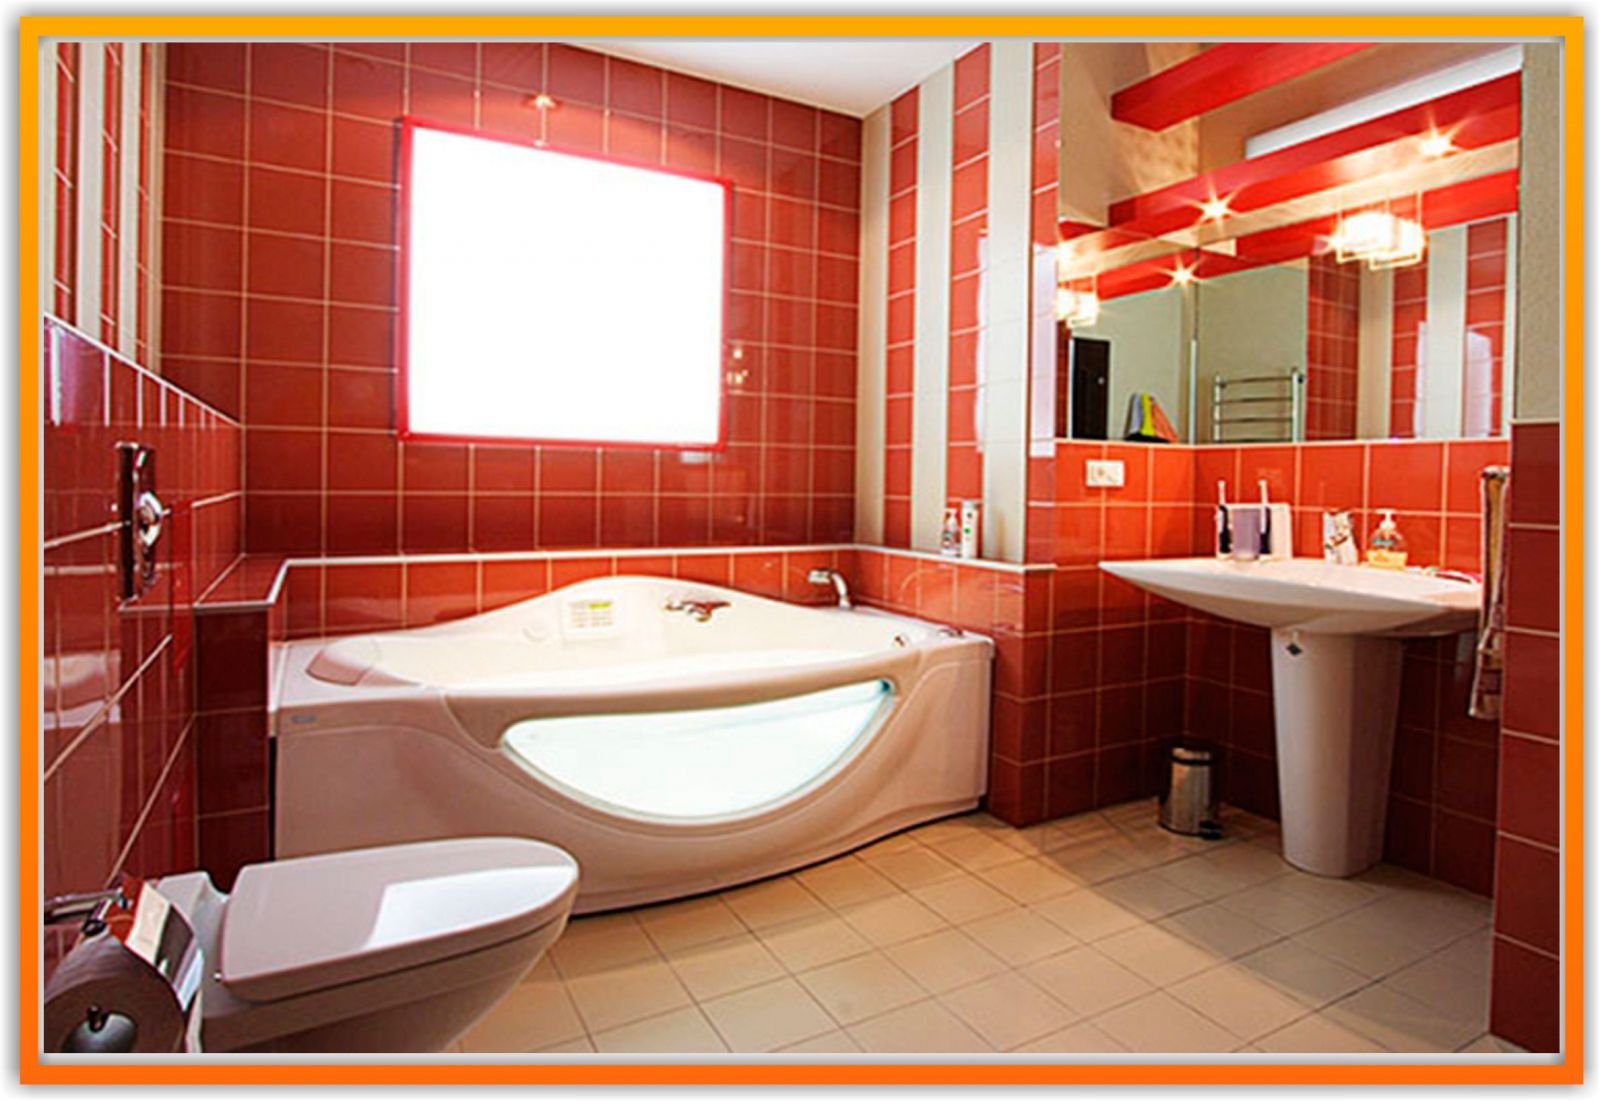 Ремонт и дизайн ванной комнаты своими руками